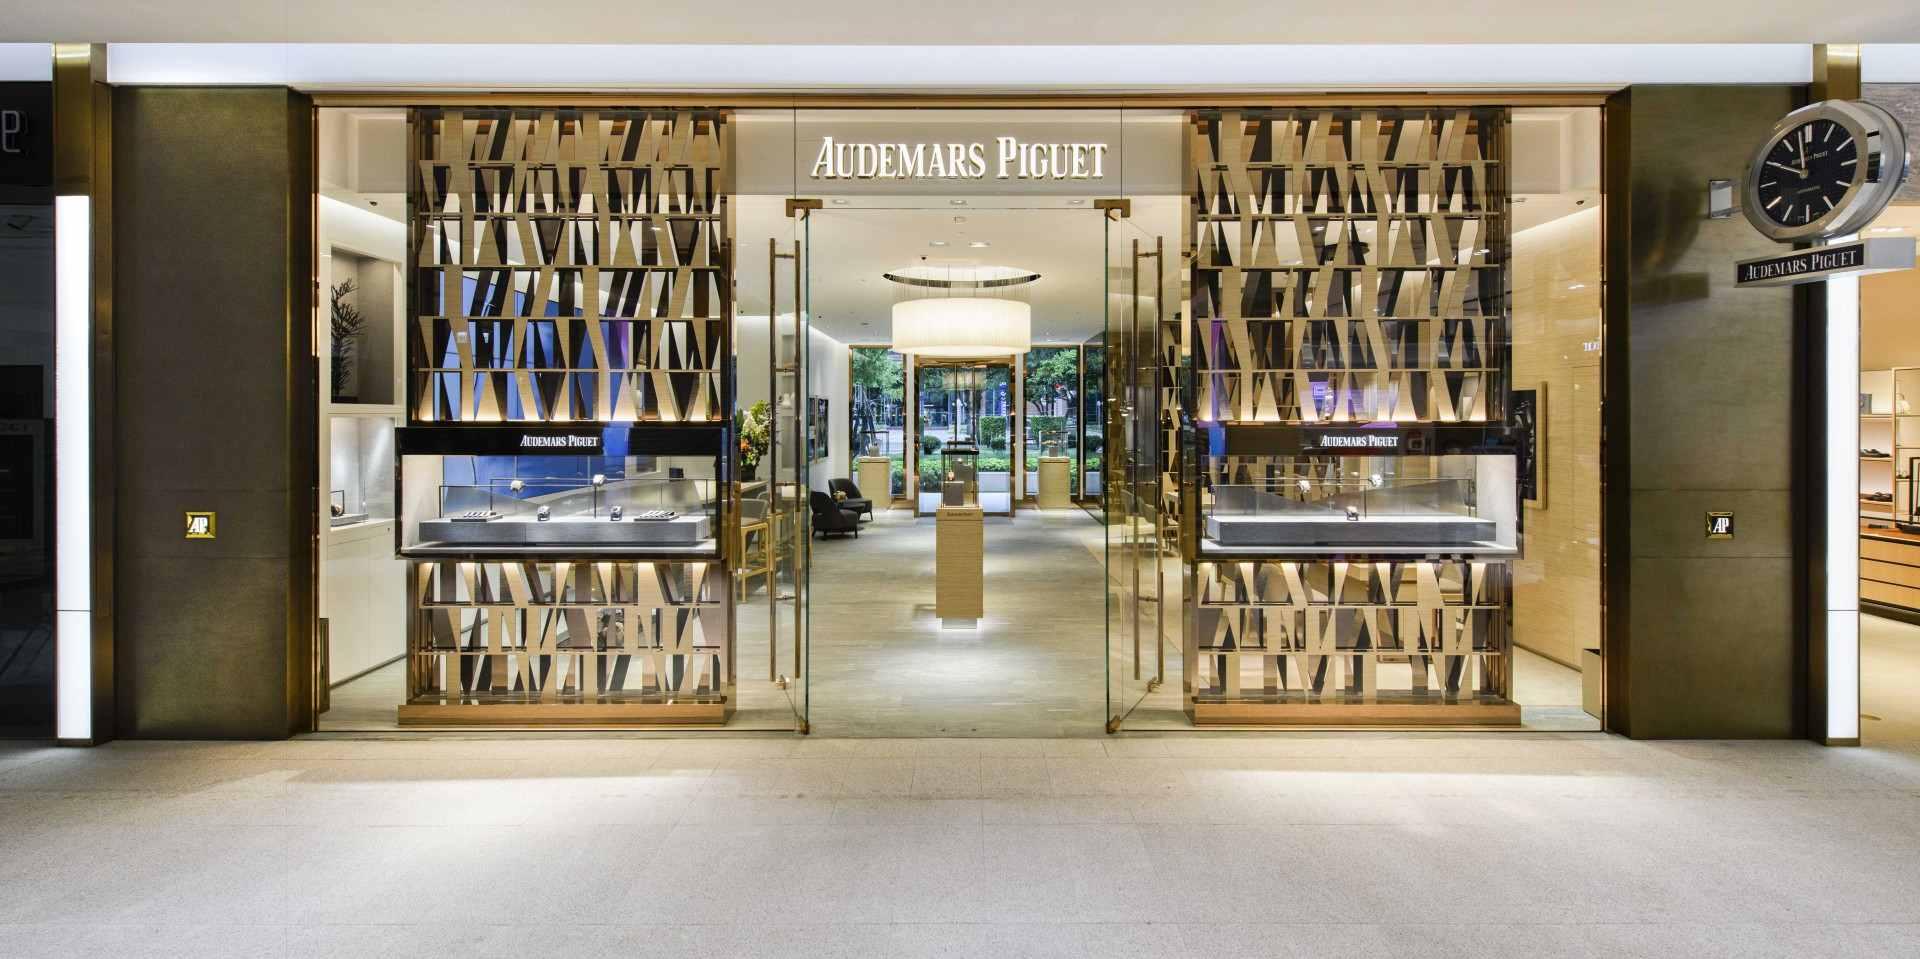 傳遞愛彼之家真摯情意:愛彼Audemars Piguet遠百信義A13全新概念店 盛大揭幕